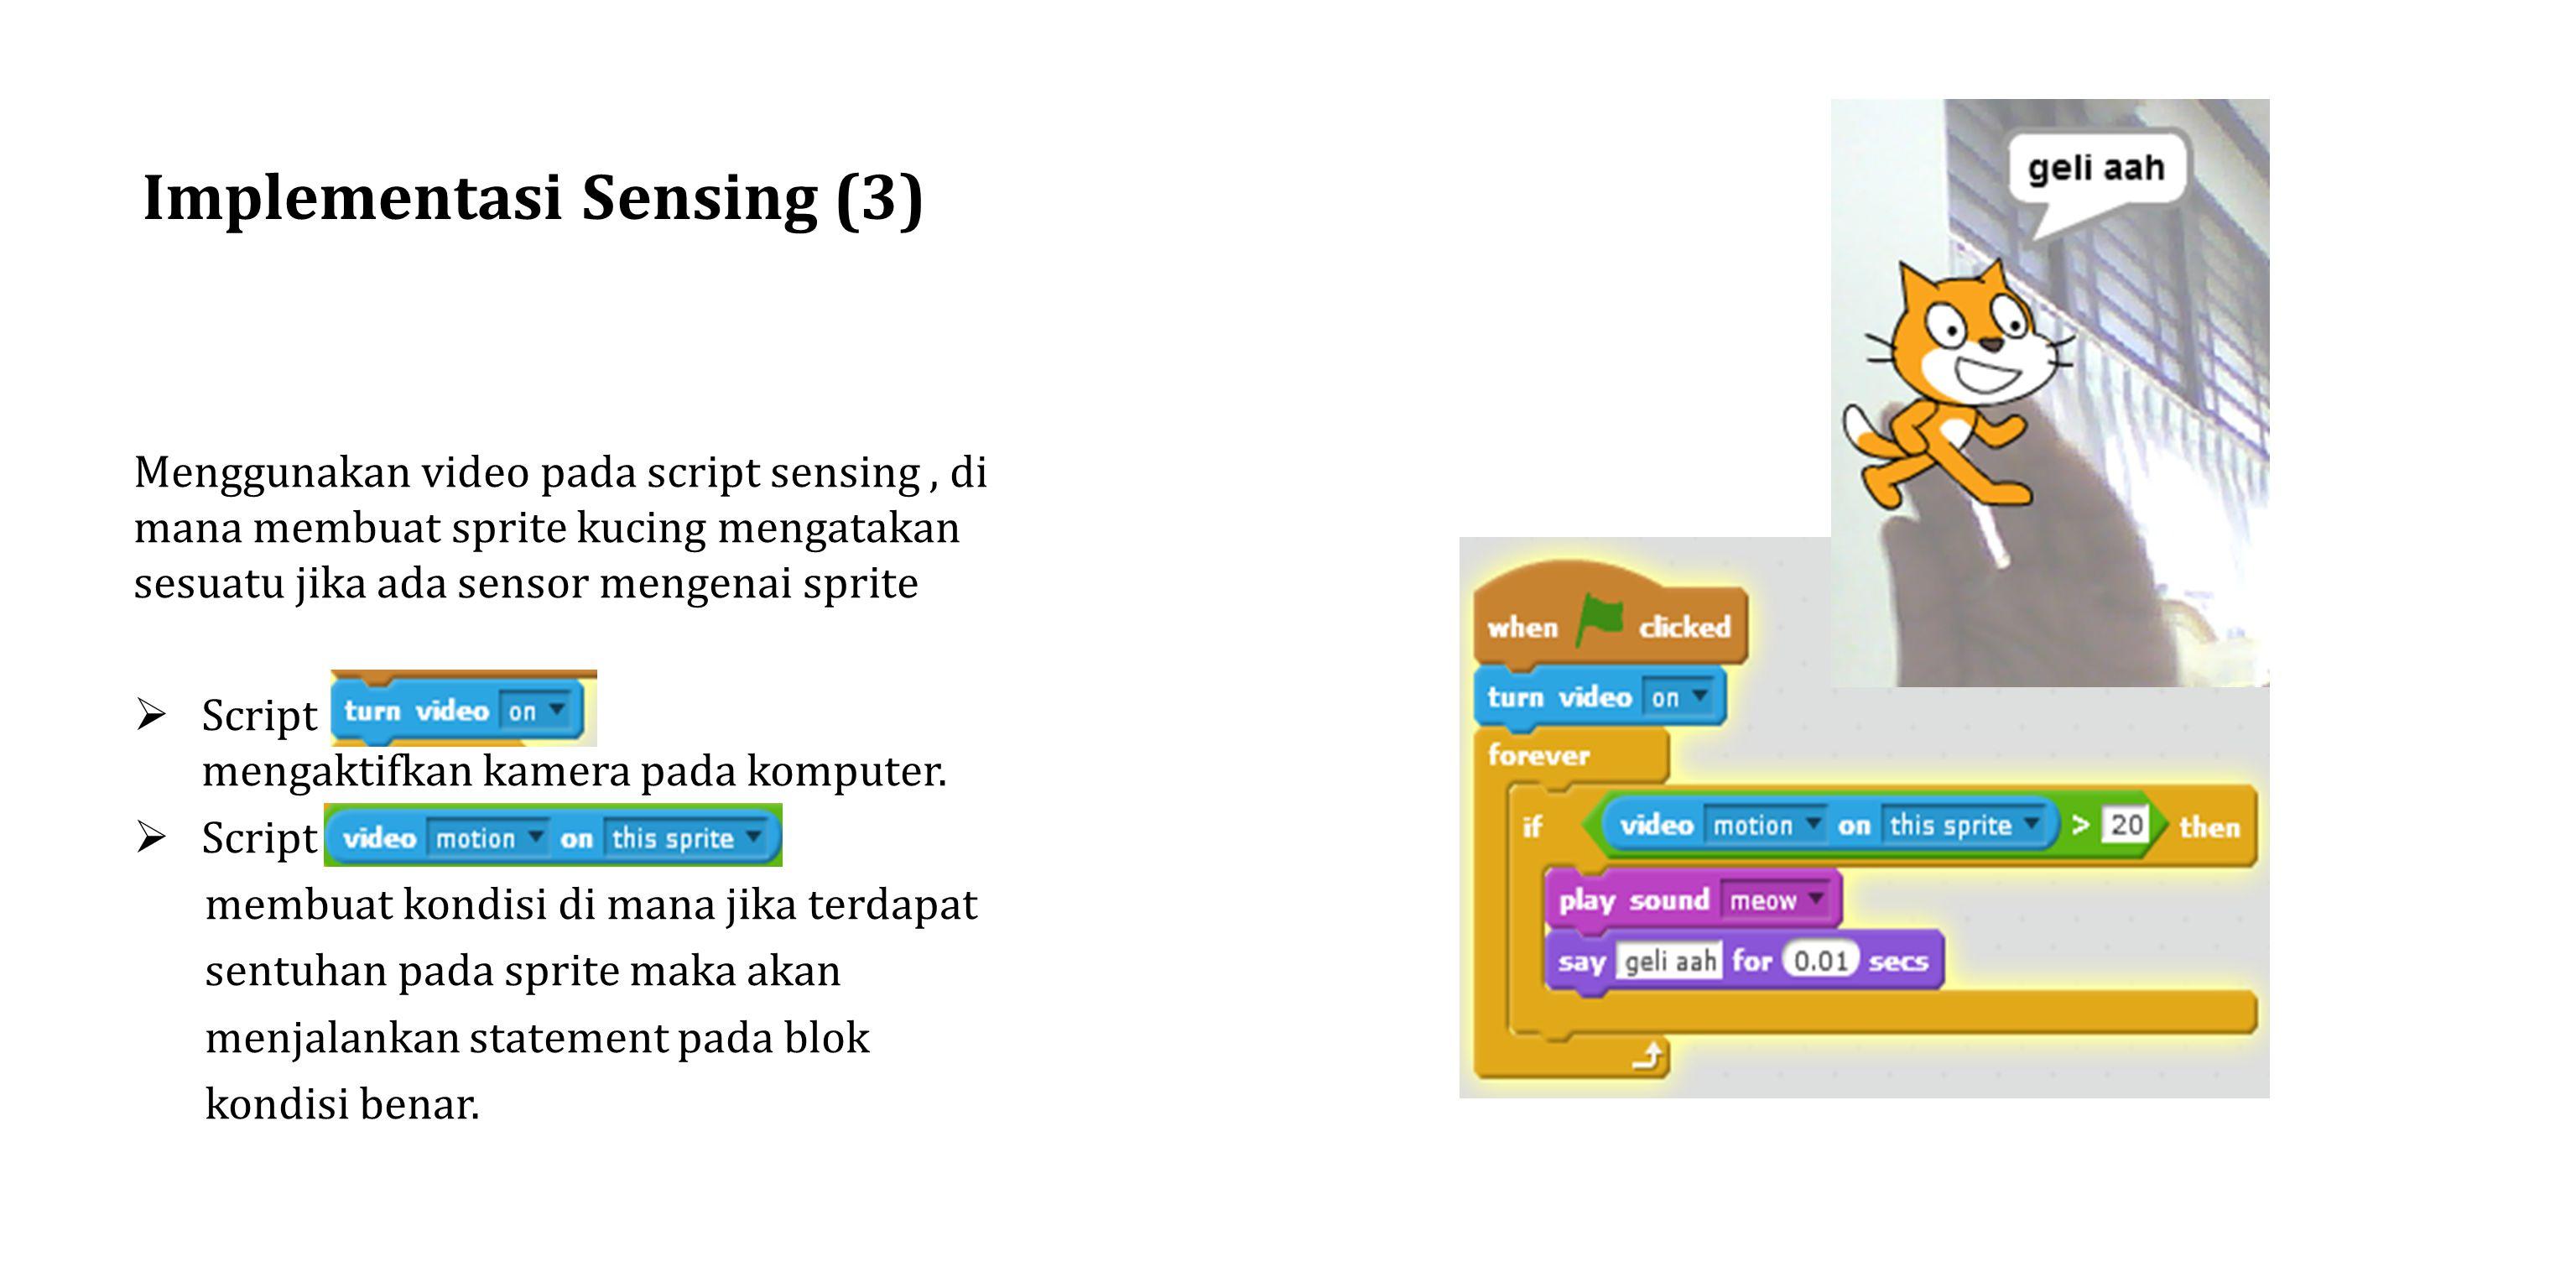 Implementasi Sensing (3) Menggunakan video pada script sensing, di mana membuat sprite kucing mengatakan sesuatu jika ada sensor mengenai sprite  Scr